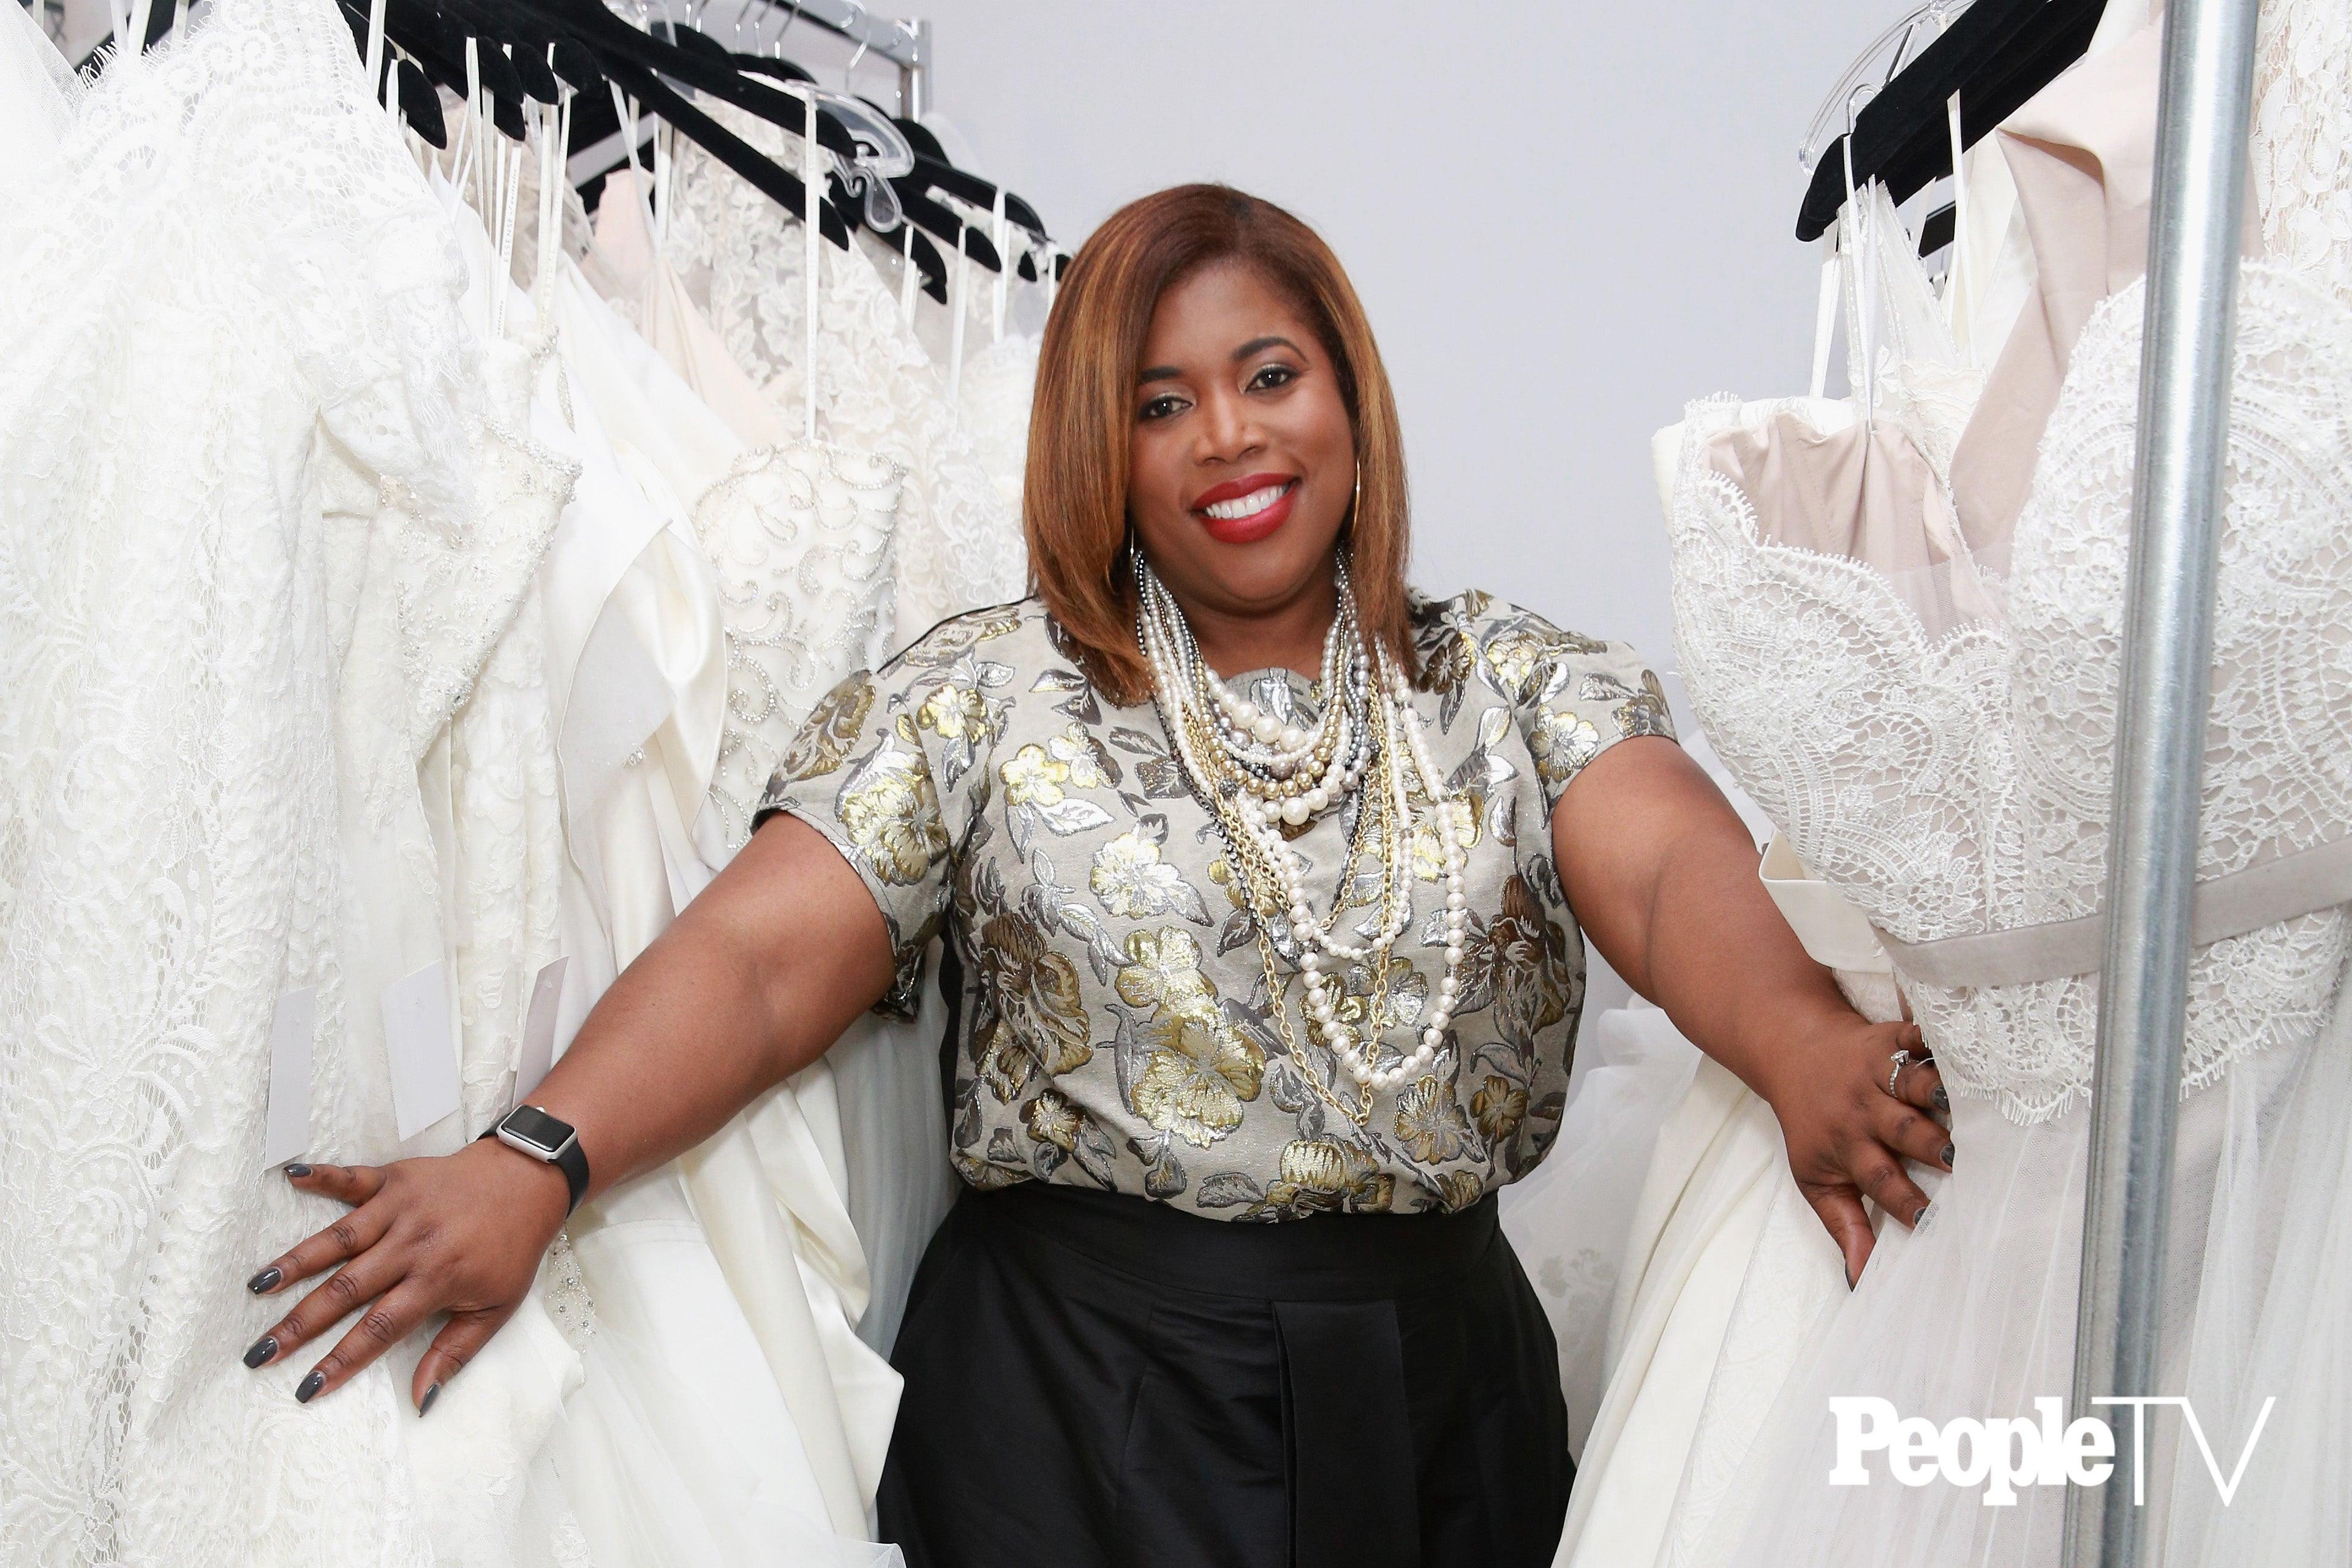 Chicago Plus Size Bridal Boutique Body Positive Haven For Brides ...